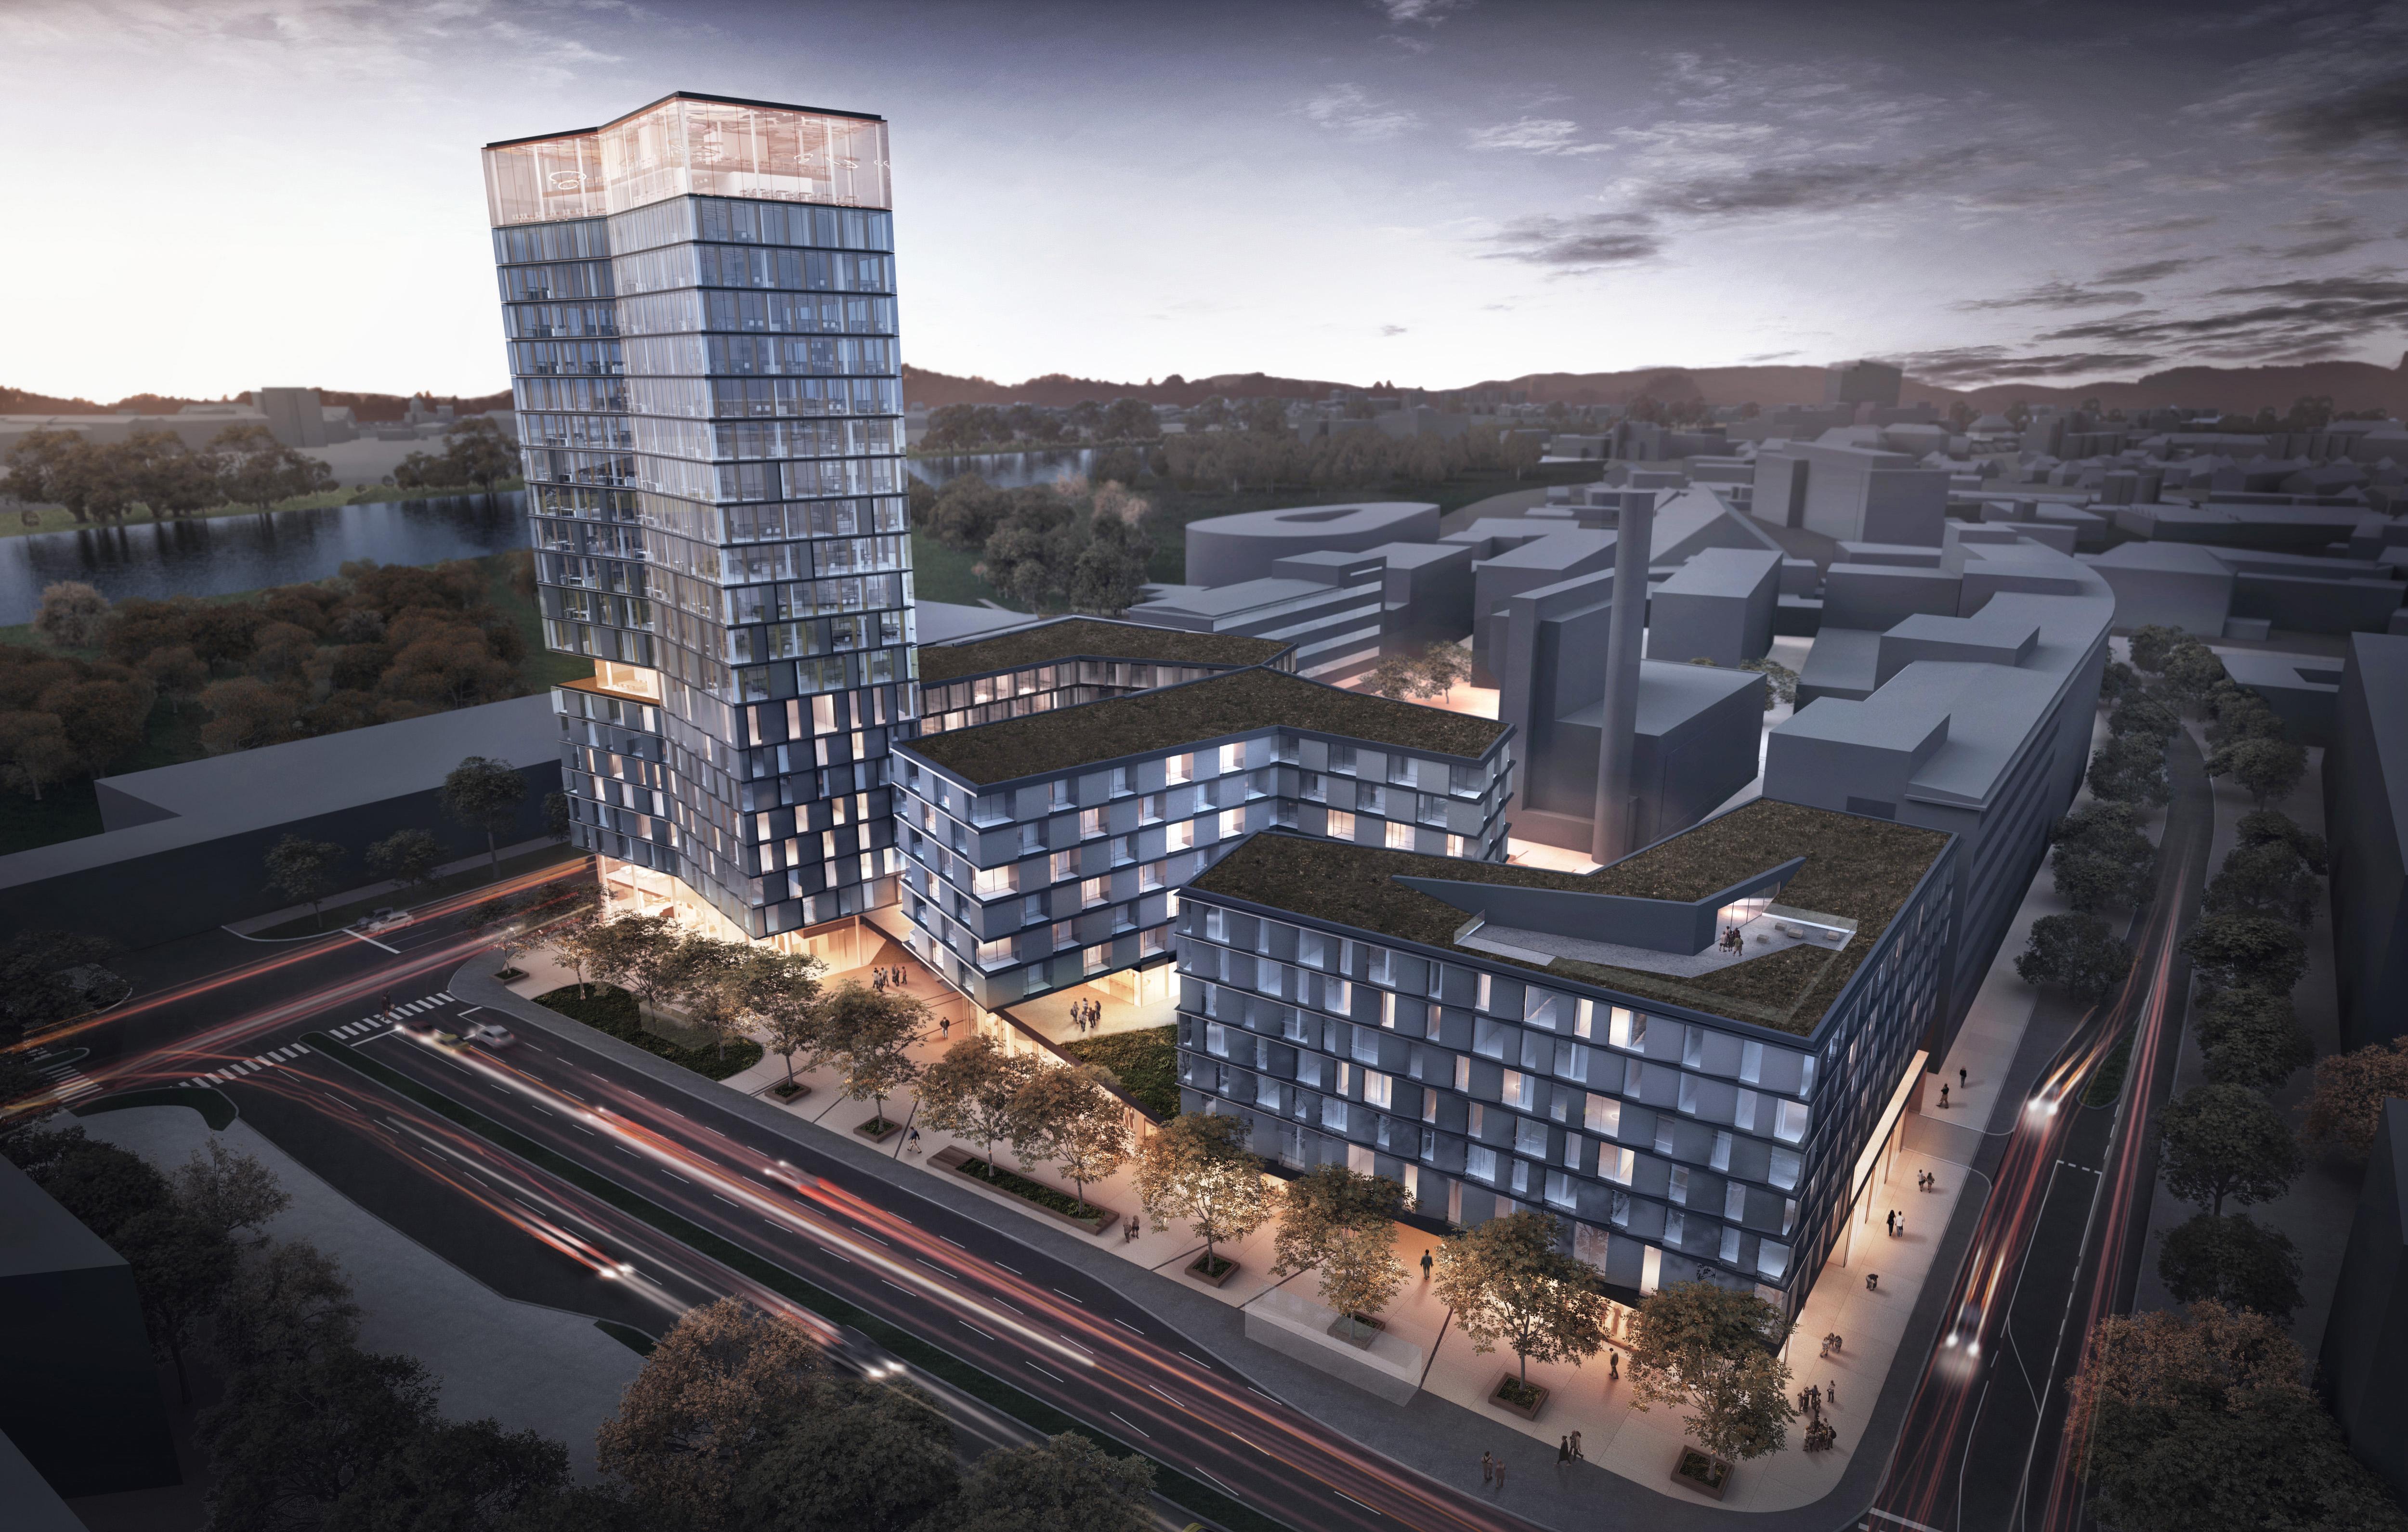 Tabakfabrik Linz | Meilenstein für eine neue Linzer Landmark ...